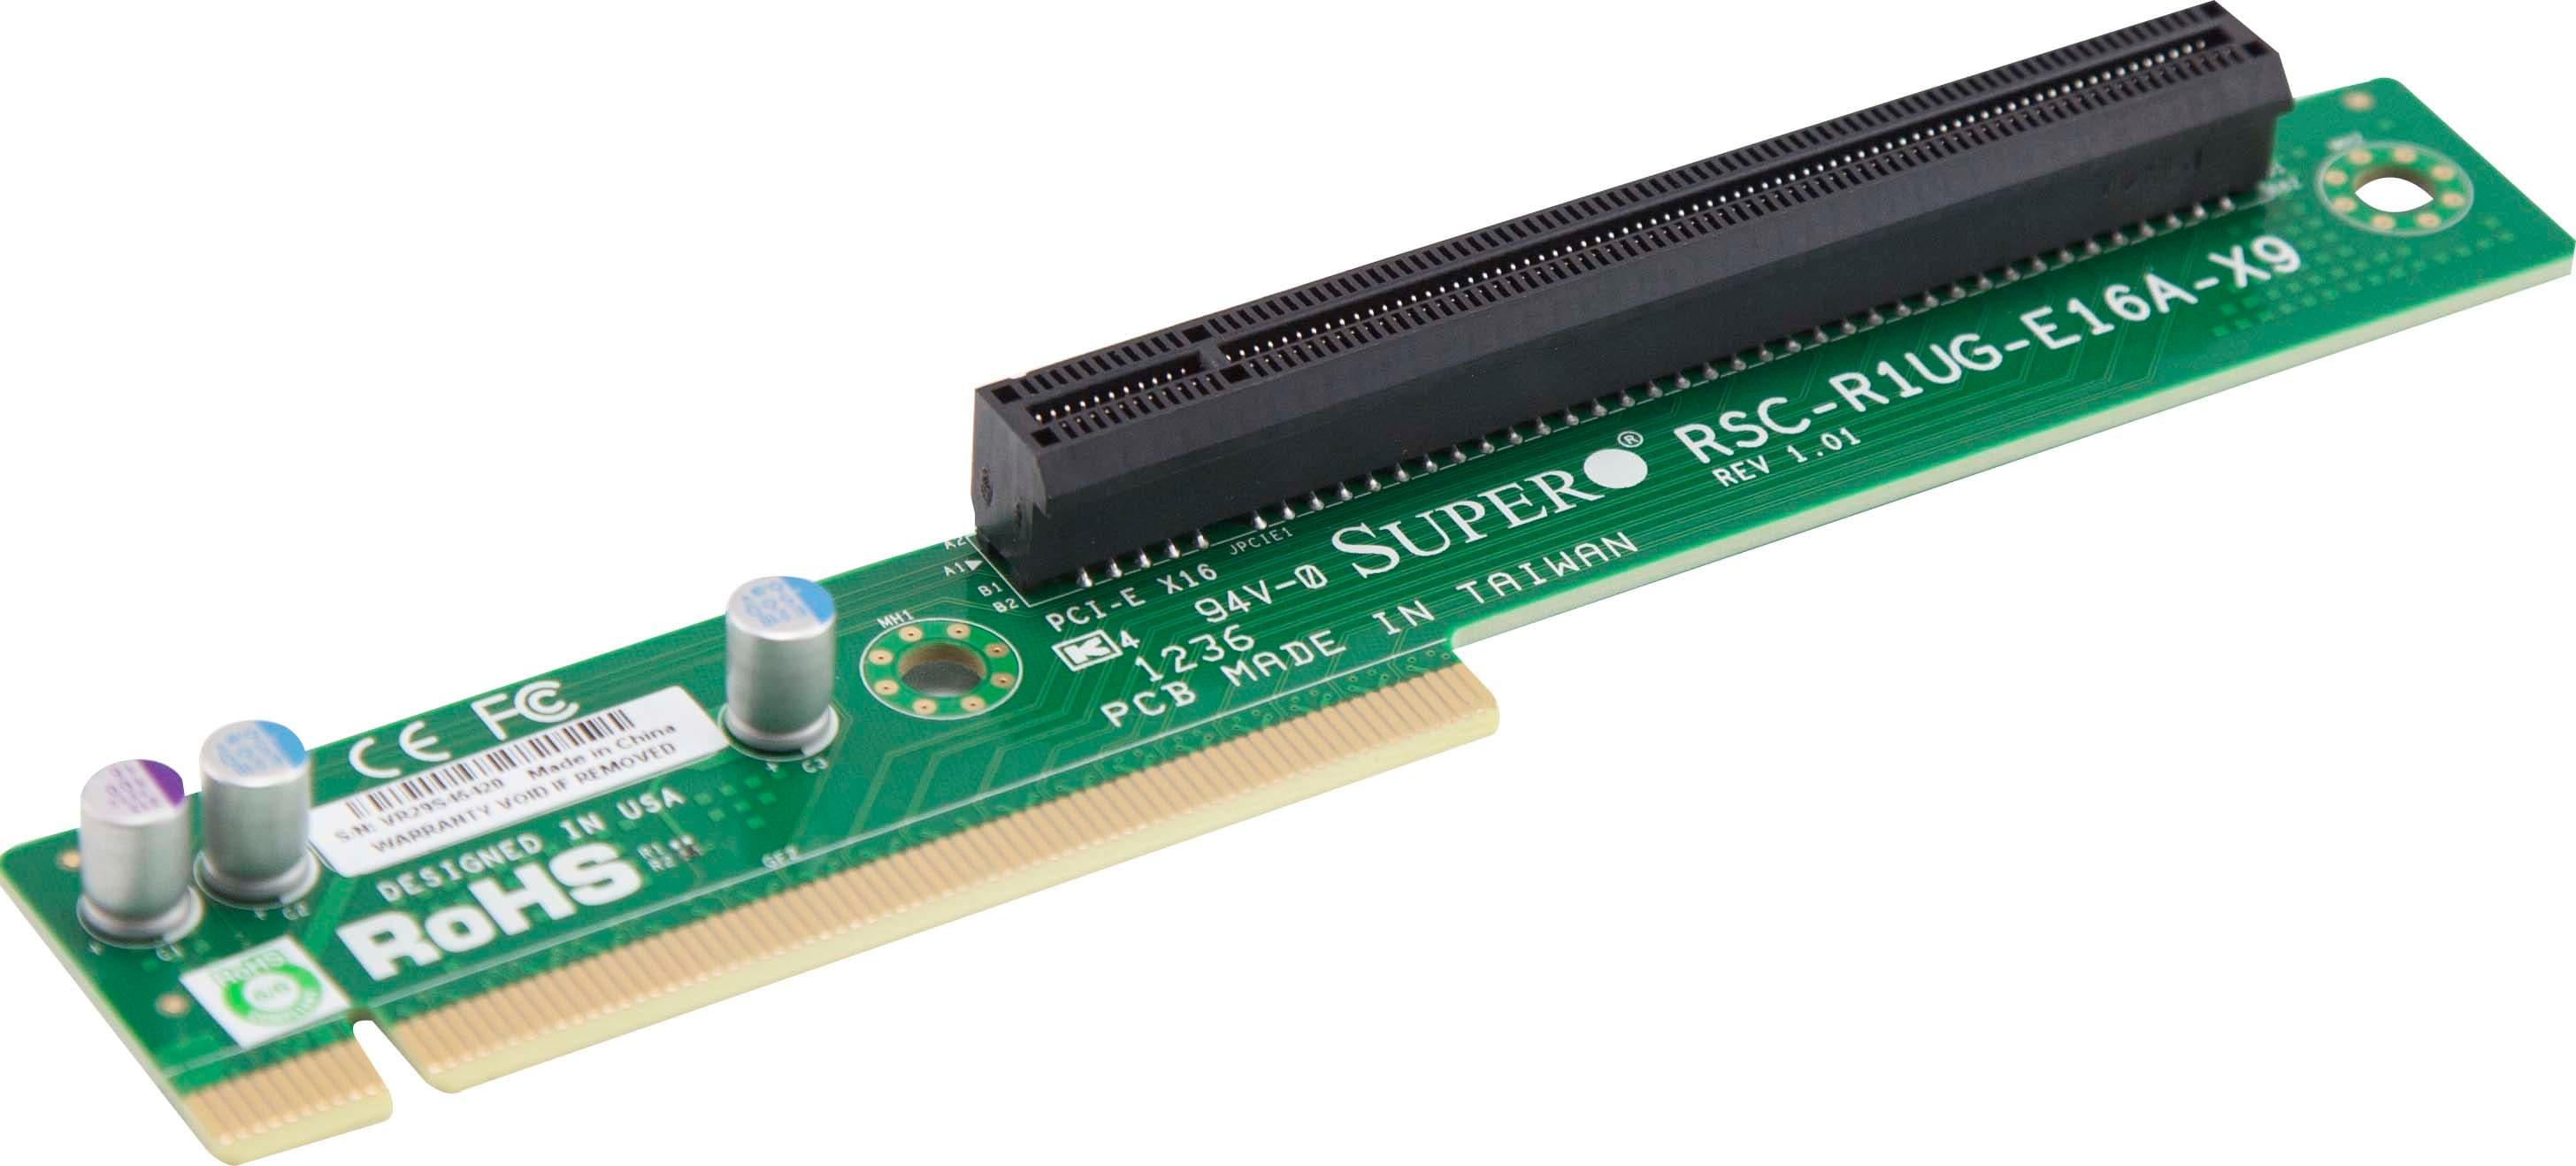 Zdjecie - RSC-R1UG-E16A-X9 - Supermicro